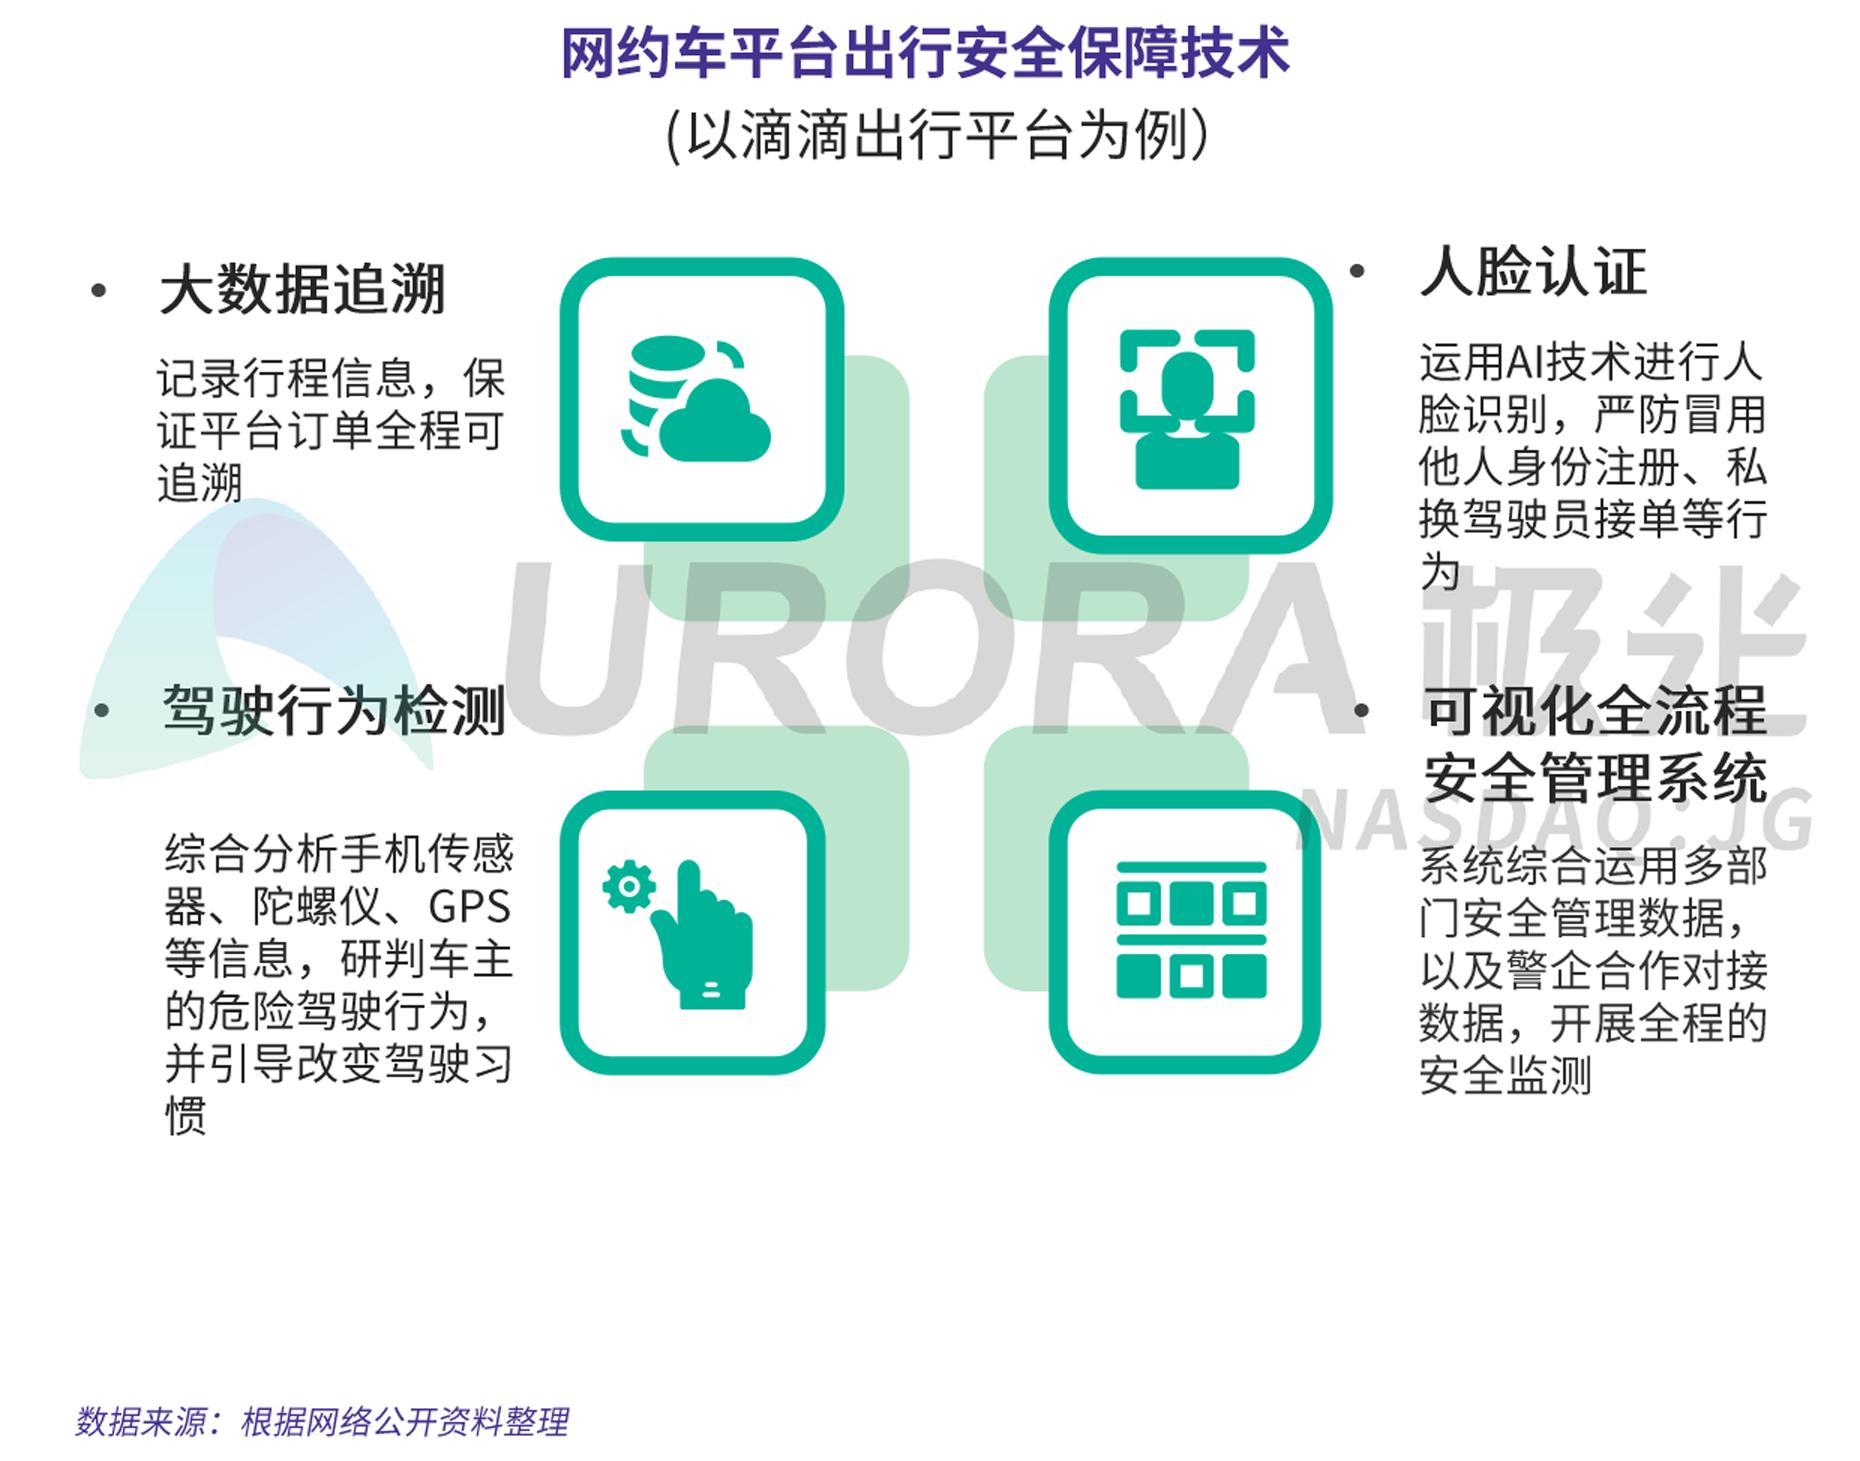 JIGUANG-网约车出行安全用户信心研究-新版-V4-9.png